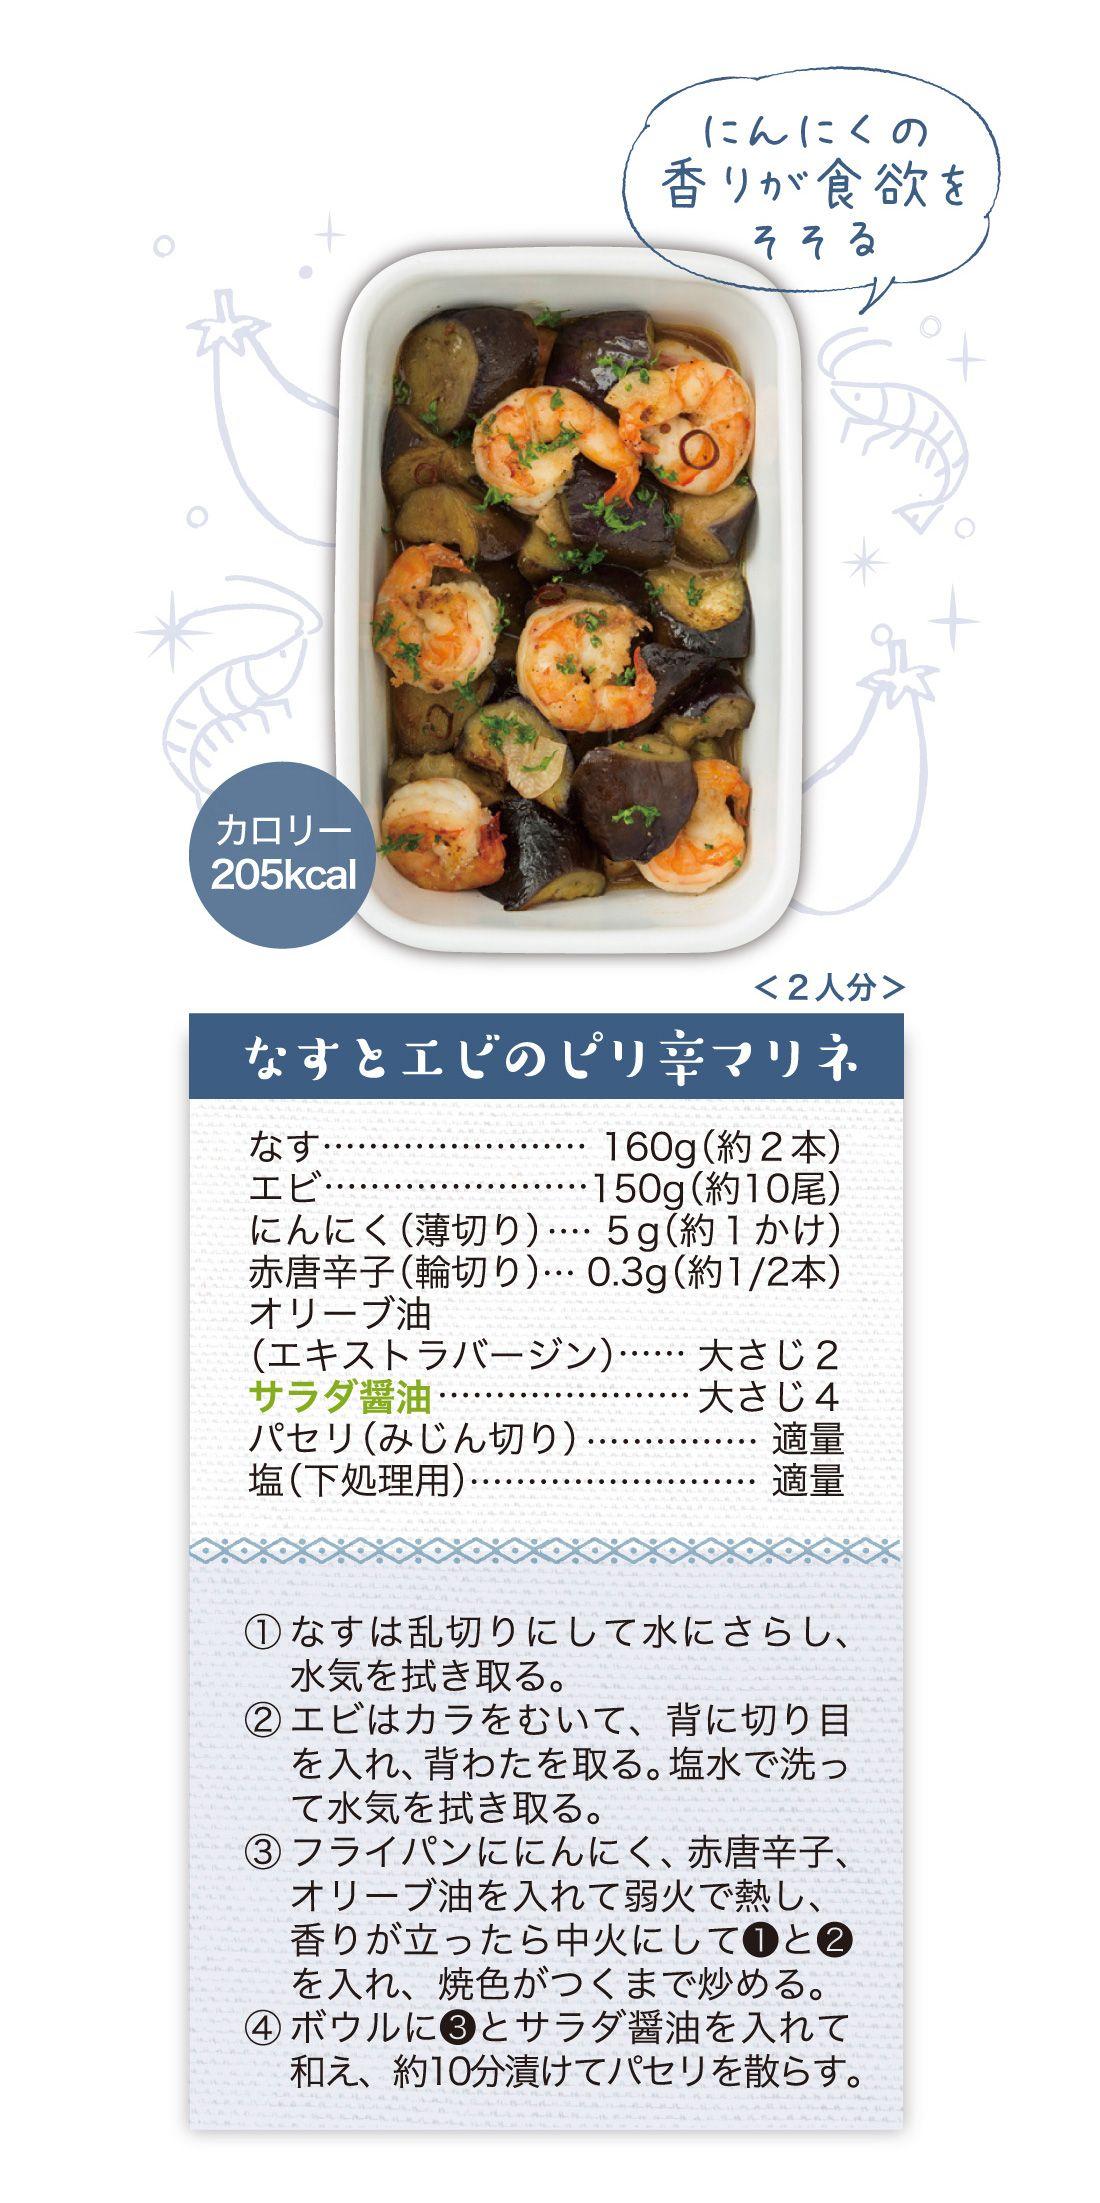 サラダ醤油でとことんマリネ(3)